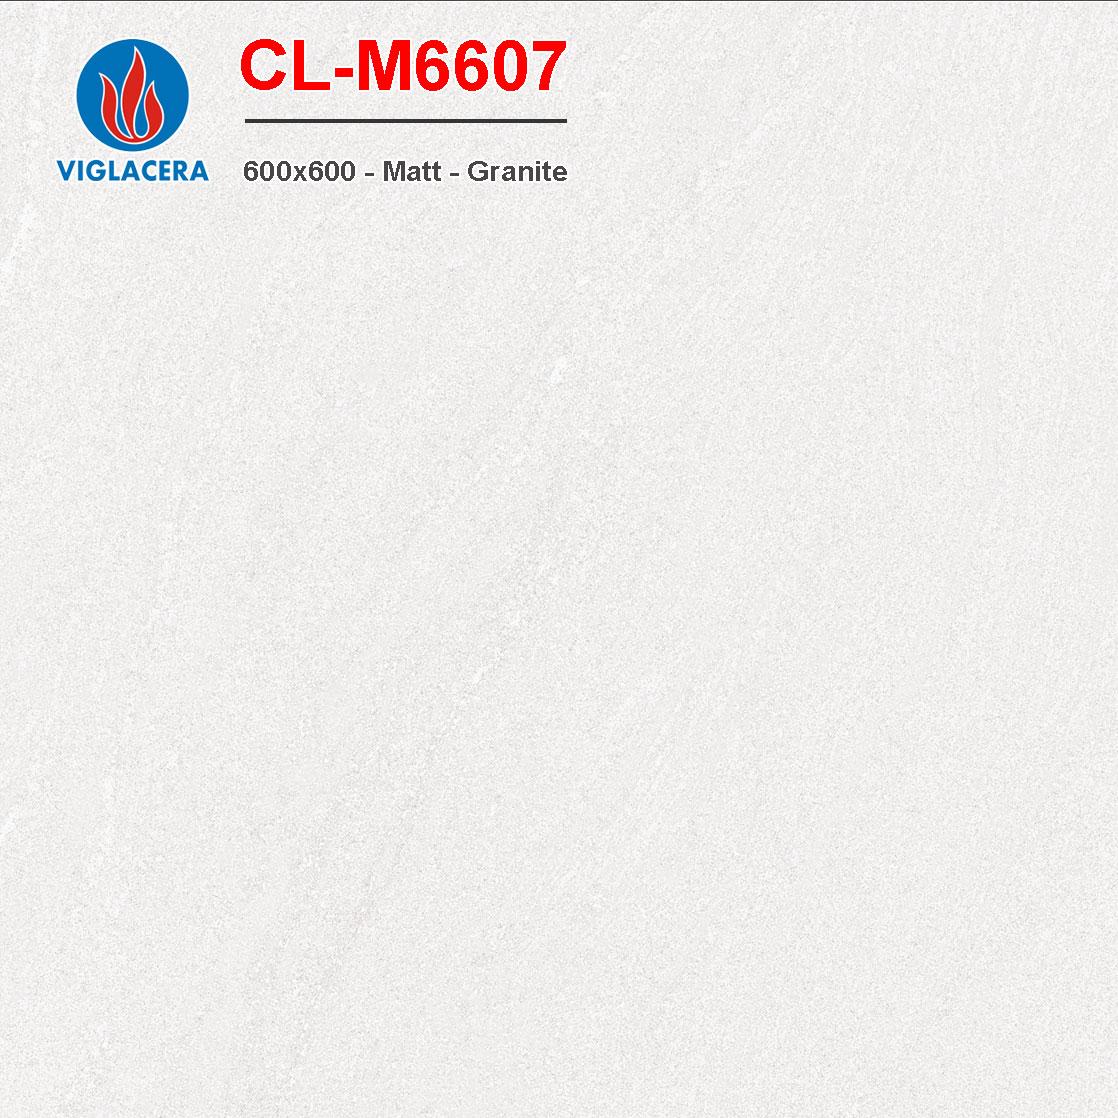 Gạch lát nền 600x600 Viglacera CL M6607 giá rẻ